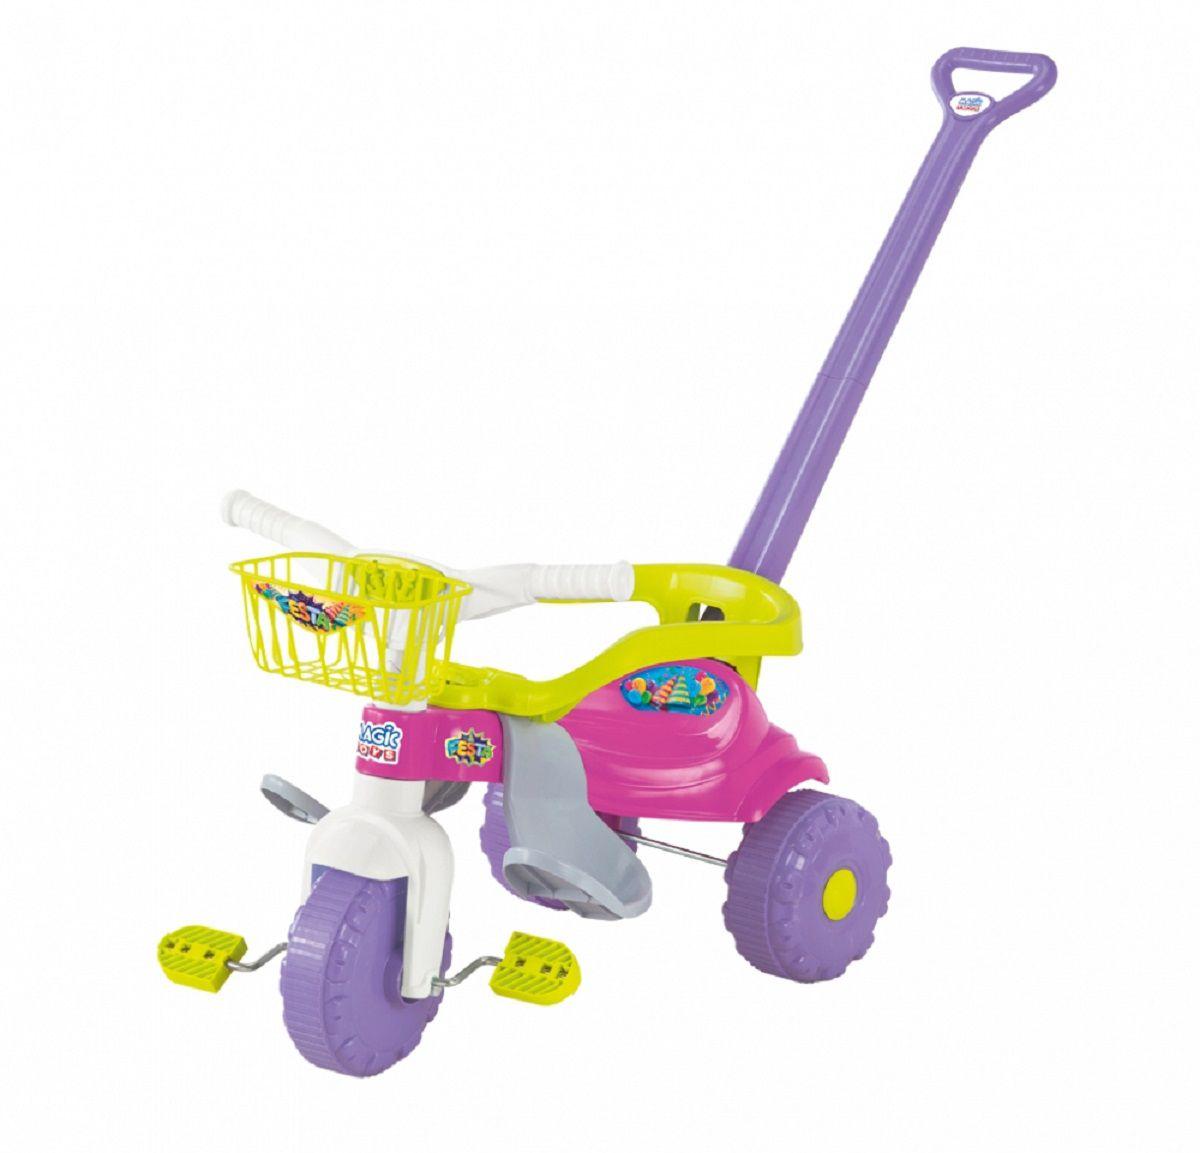 Triciclo Tico Tico Festa com Cesta - Rosa - Magic Toys